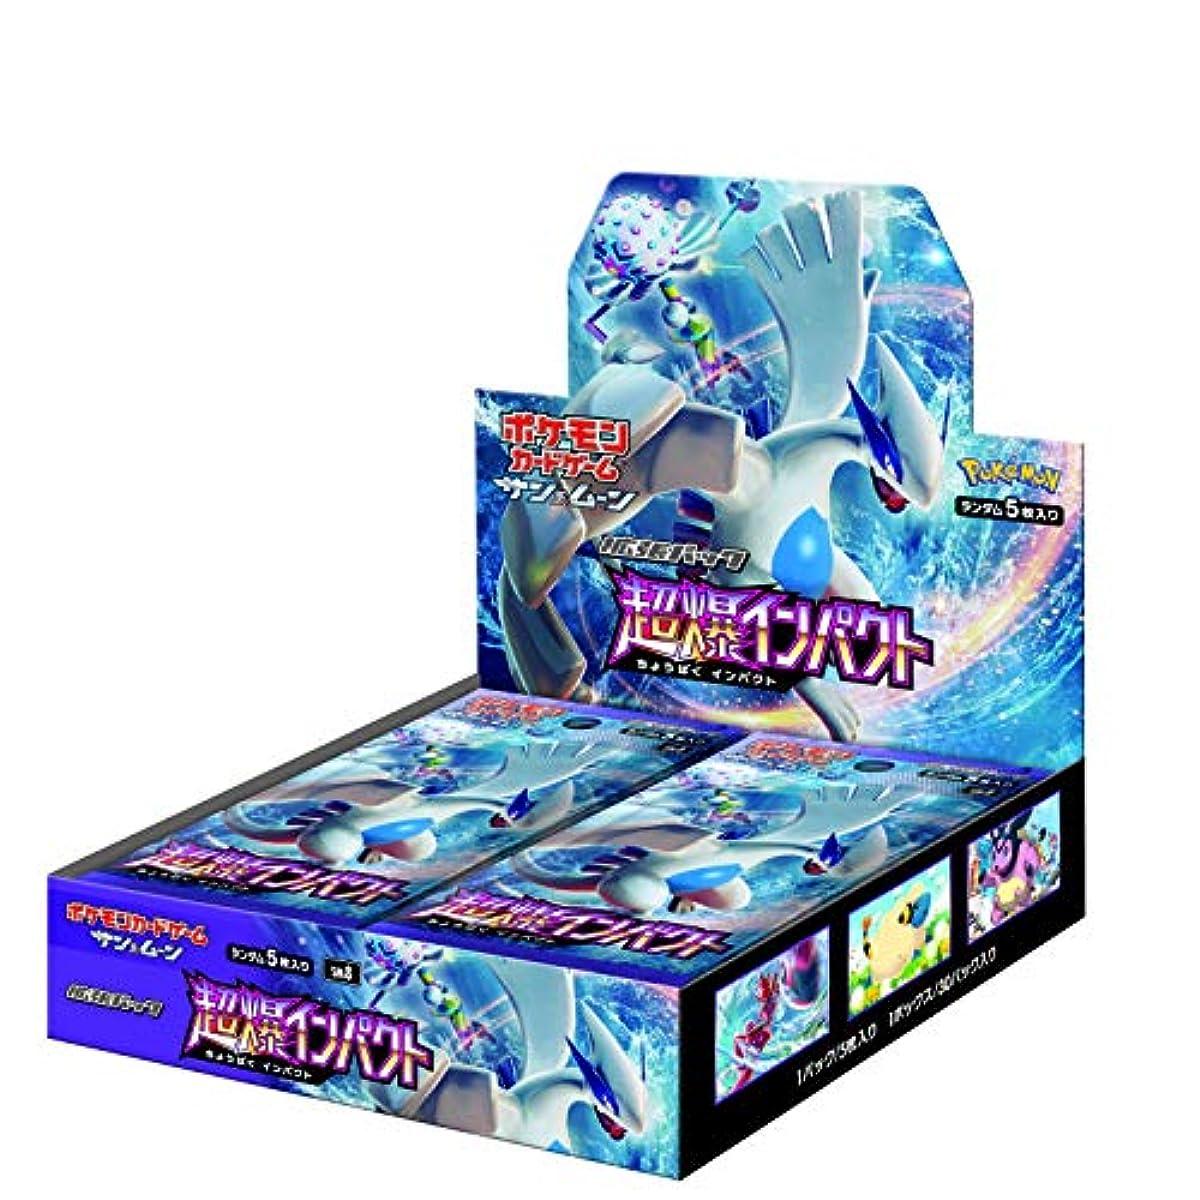 [해외] 포켓몬 카드 게임 썬&문 확장 팩「 초폭임팩트」 BOX